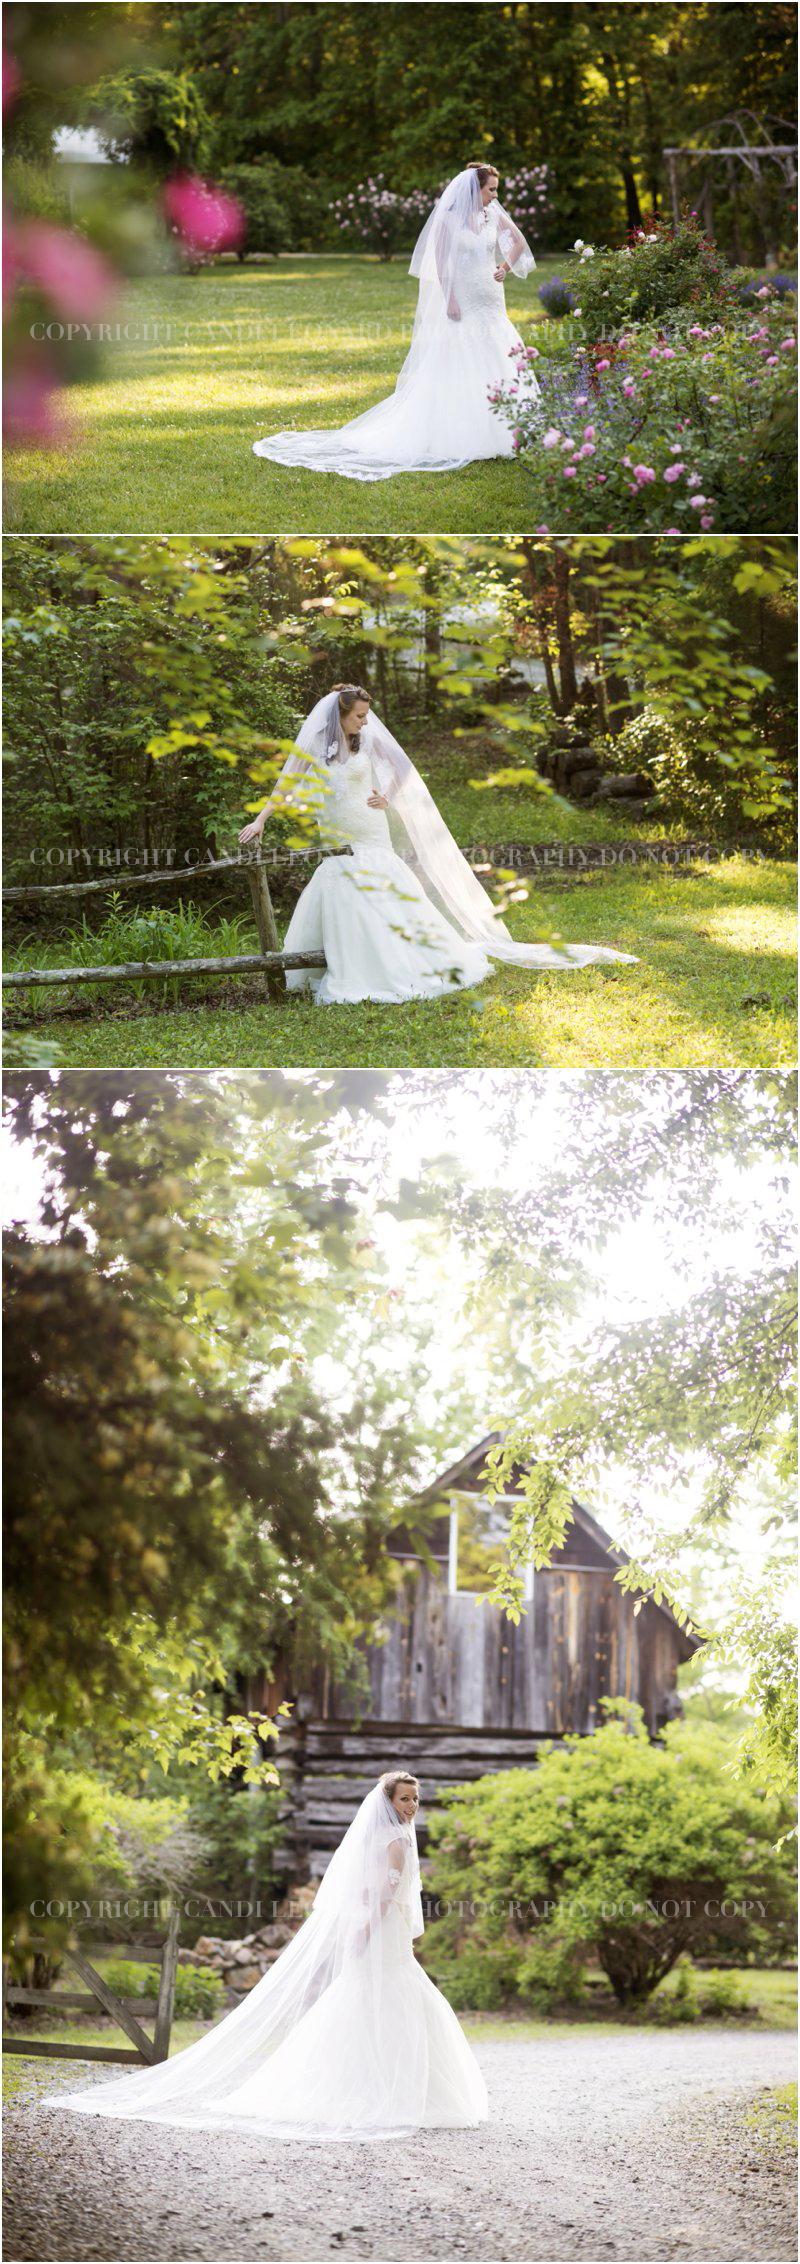 ASHEBORO_NC_wedding_photographer_0956